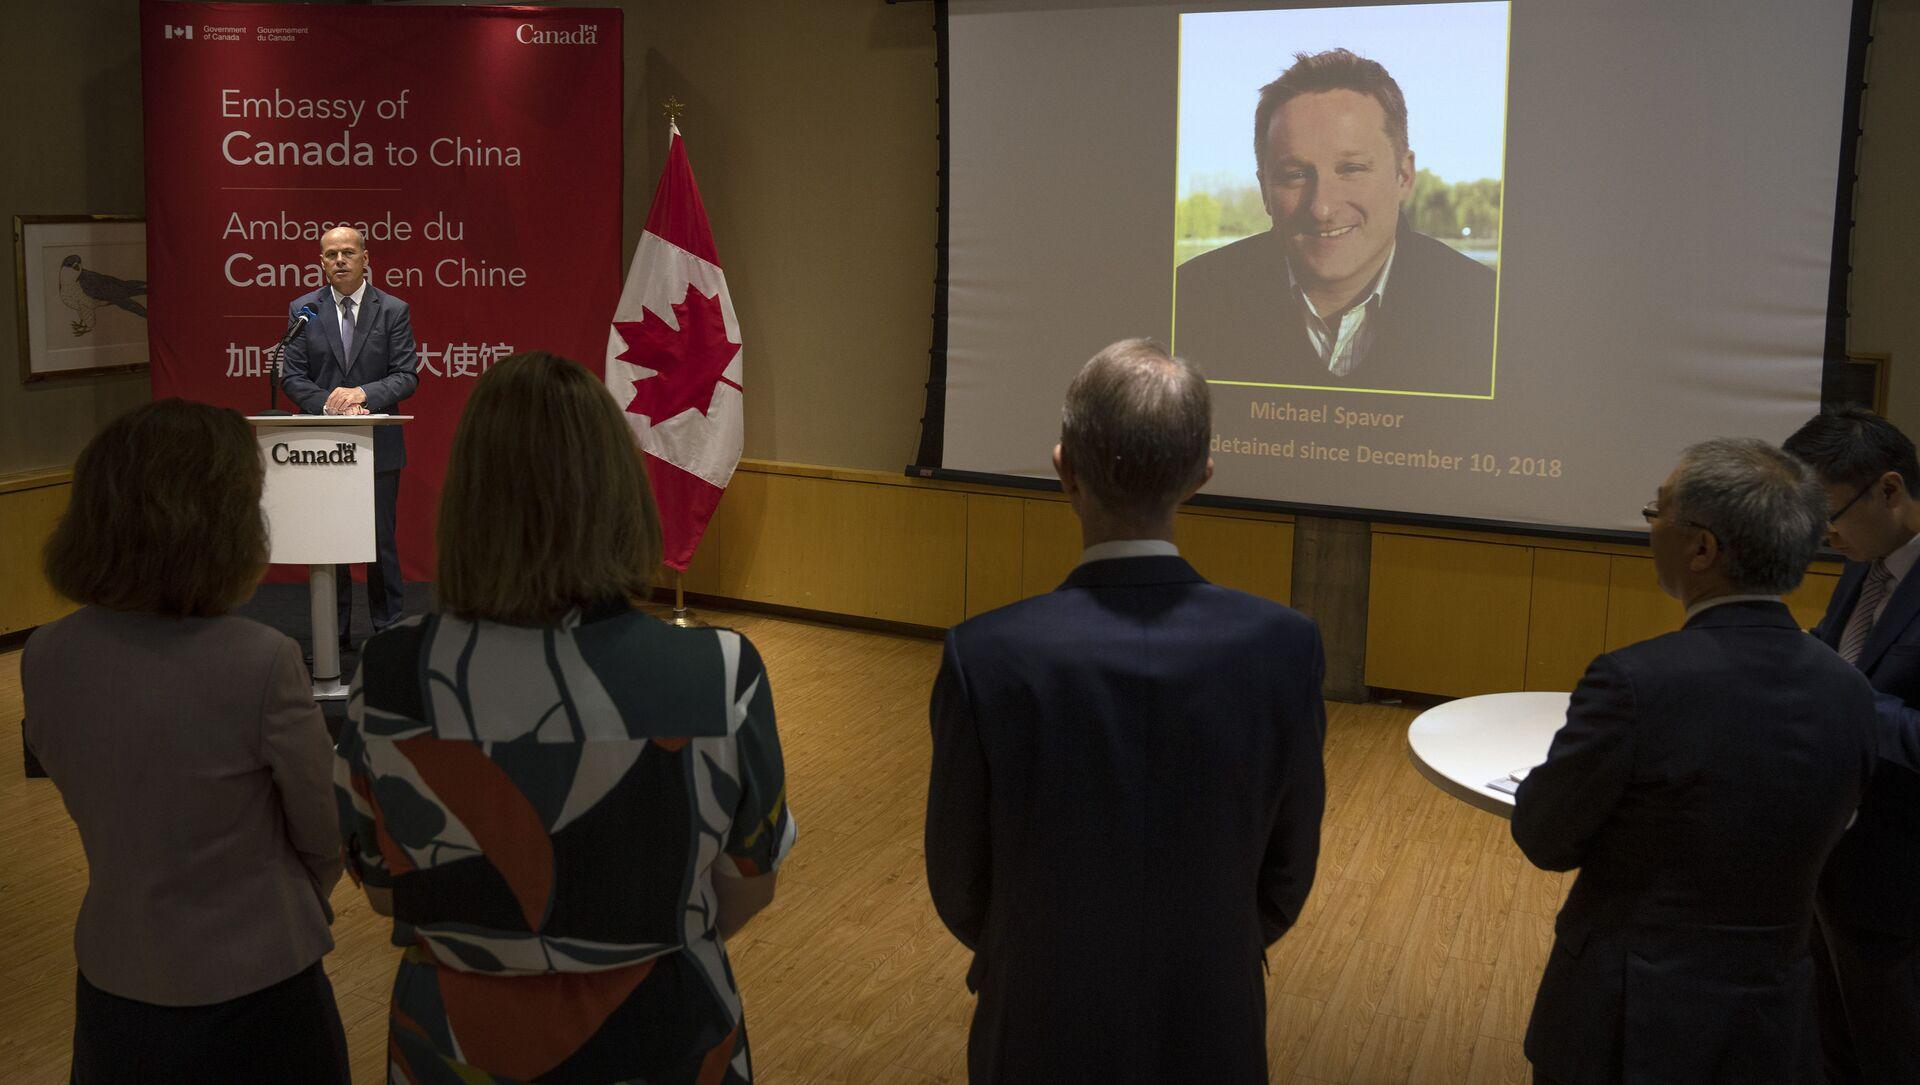 中国、カナダ人実業家に懲役11年 国家機密めぐり 首相は激しく非難 - Sputnik 日本, 1920, 11.08.2021